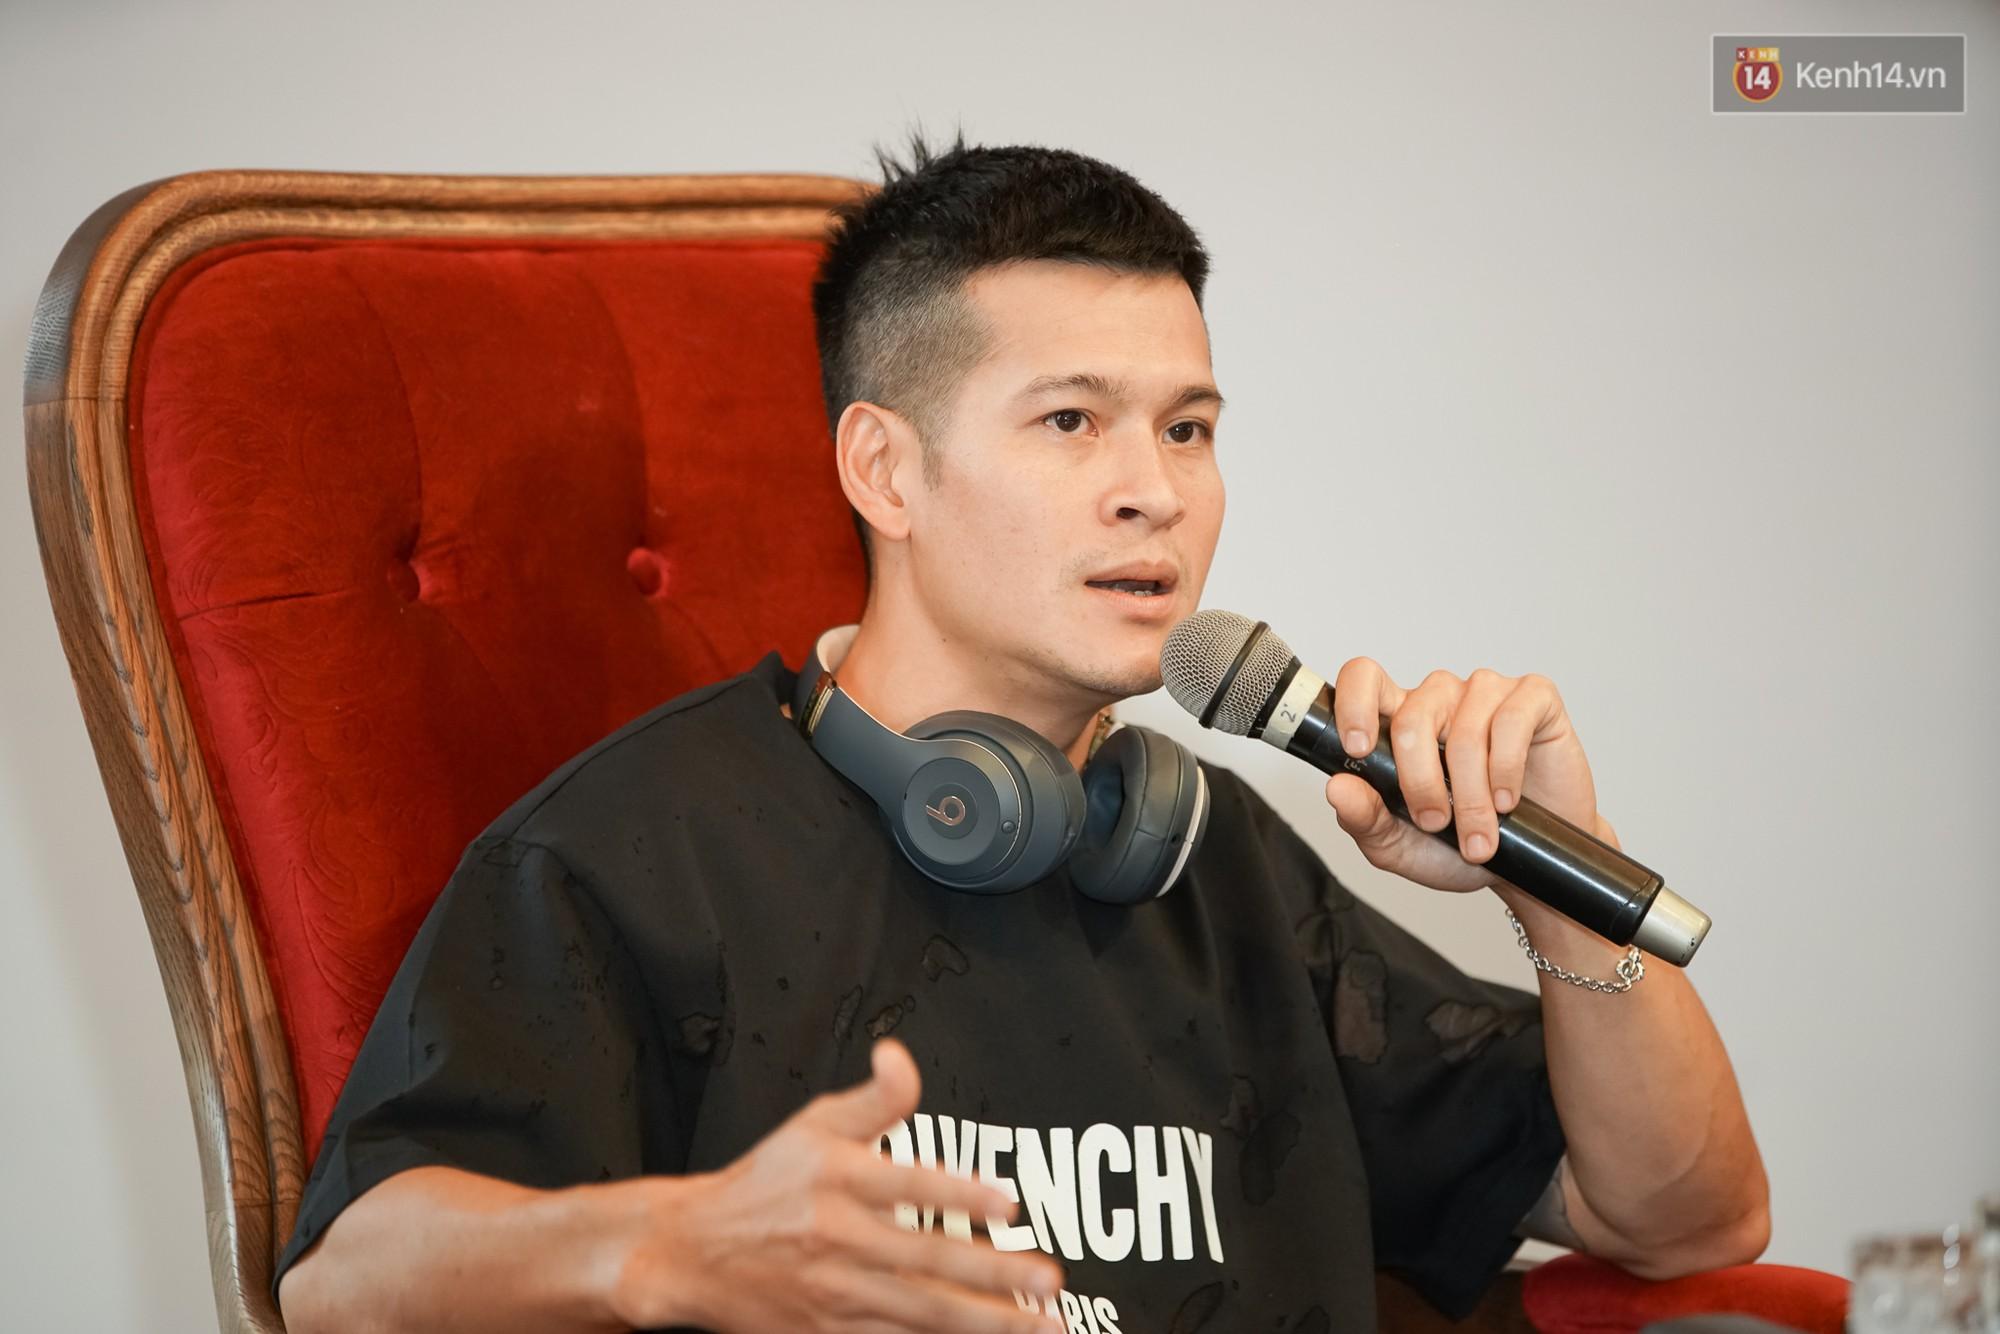 Đạo diễn Việt Tú nói về yêu cầu nghiêm ngặt của chủ nhân hit Despacito: Đó là đặc quyền xứng đáng của bất kỳ nghệ sĩ nào, kể cả Việt Nam - Ảnh 3.